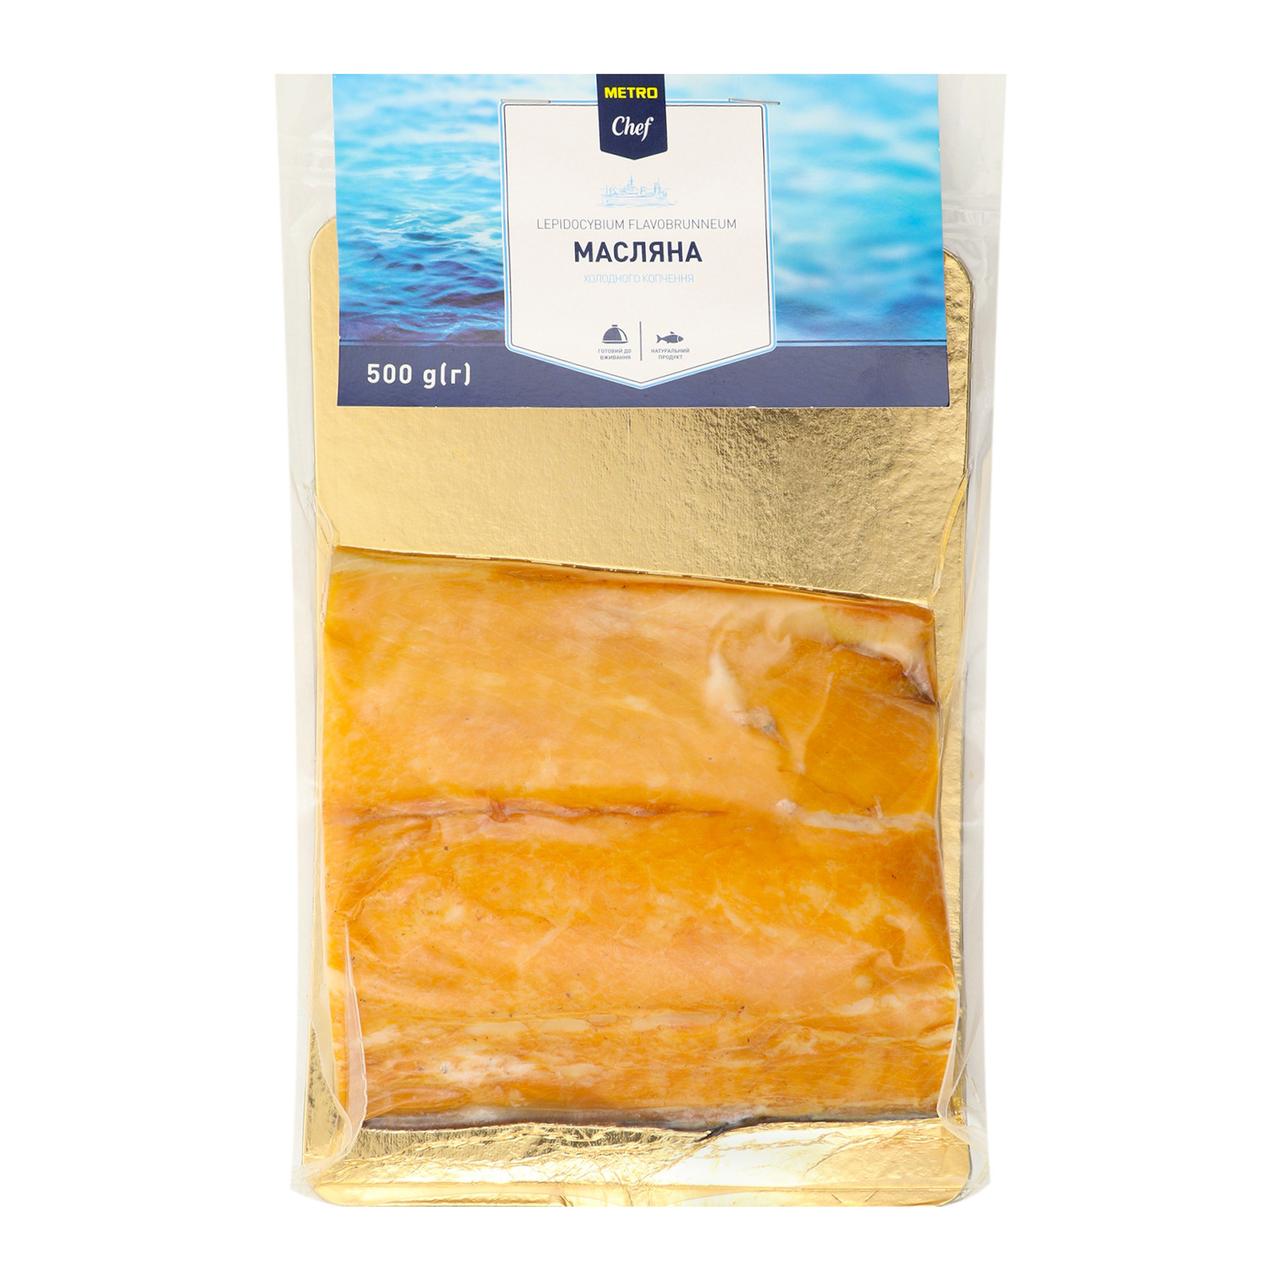 Масляна Metro Chef холодного копчення філе-шматок 500 г